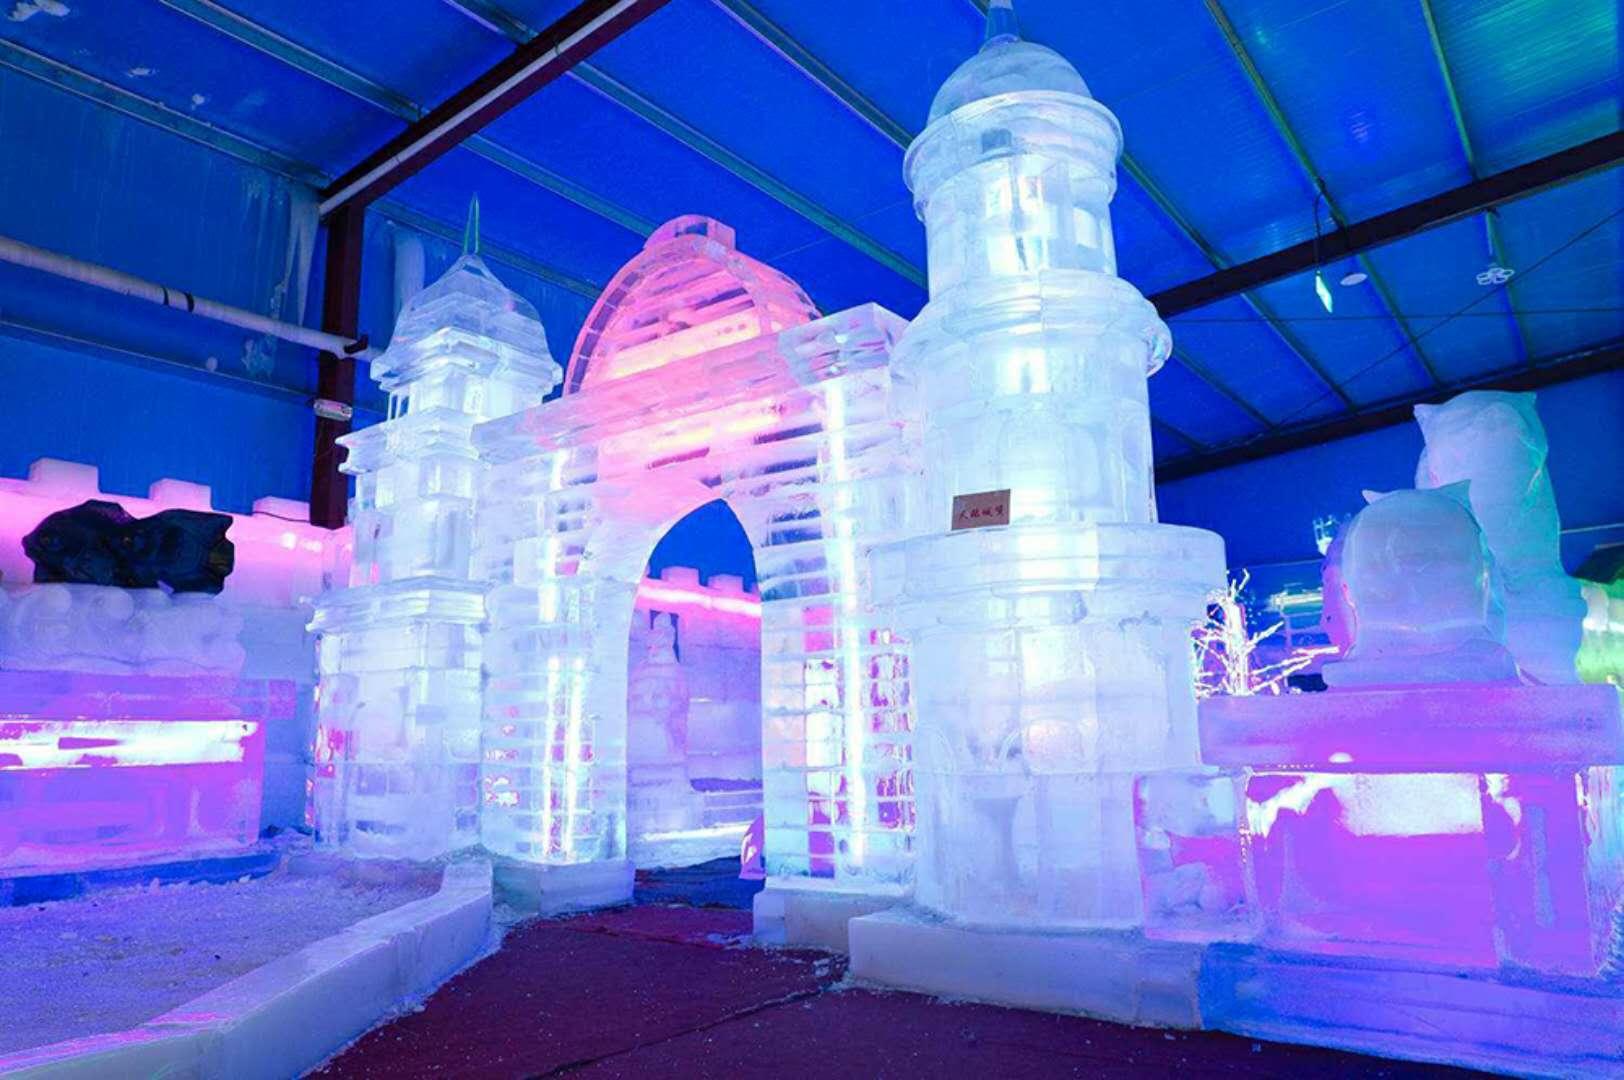 冰雕厂家,冰雕工厂,冰雕,哈尔滨